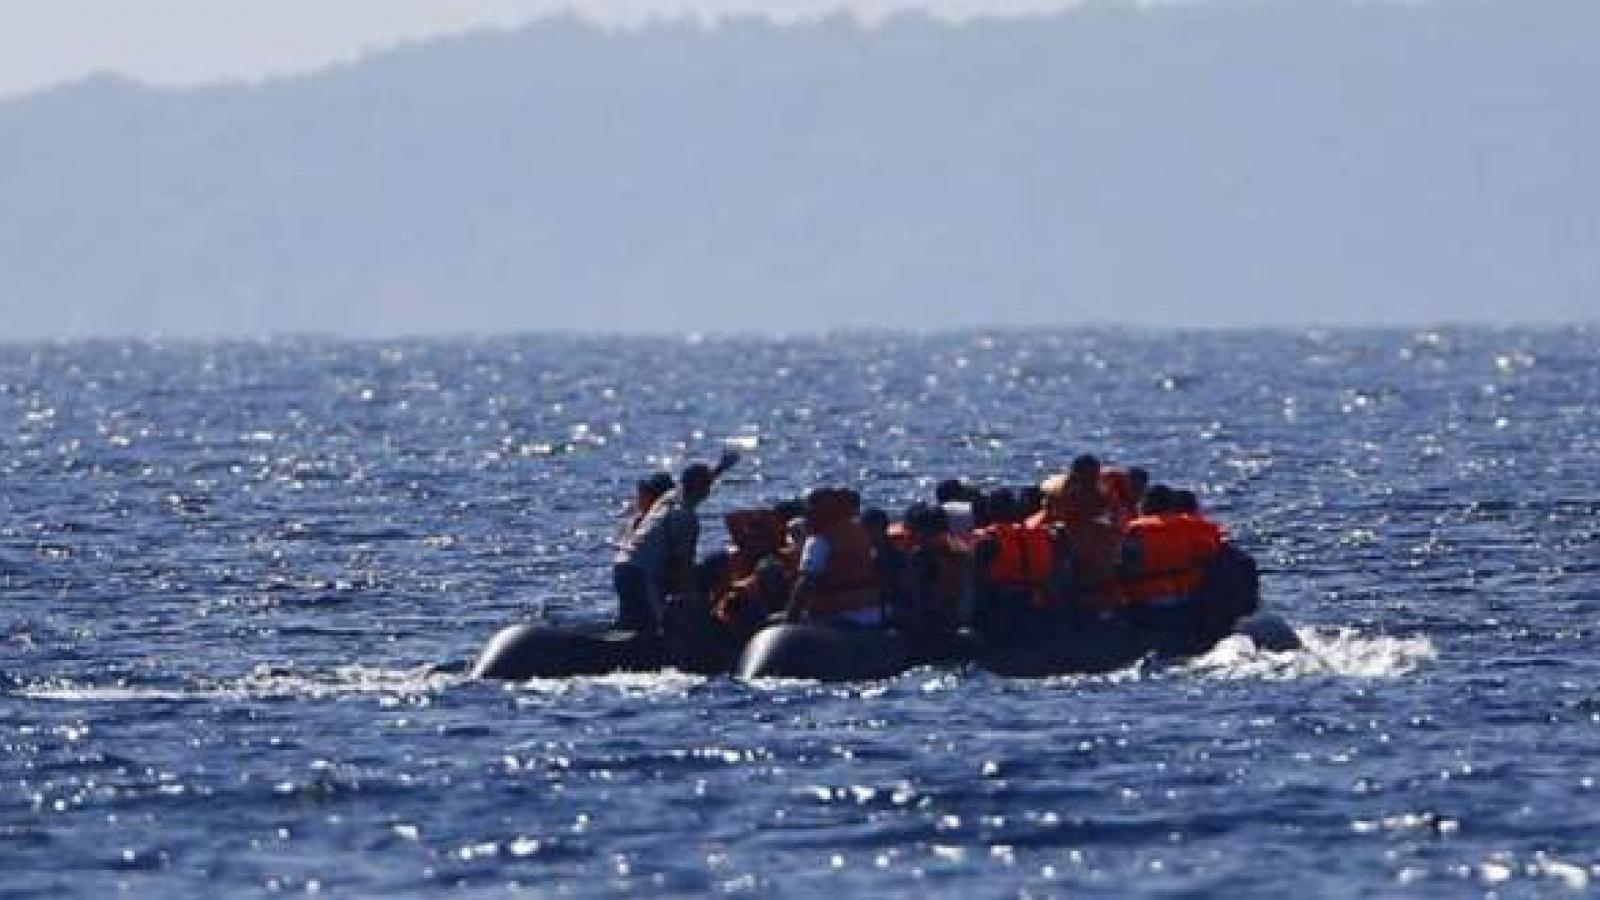 Thổ Nhĩ Kỳ chỉ trích EU không thực hiện thỏa thuận về người di cư năm 2016